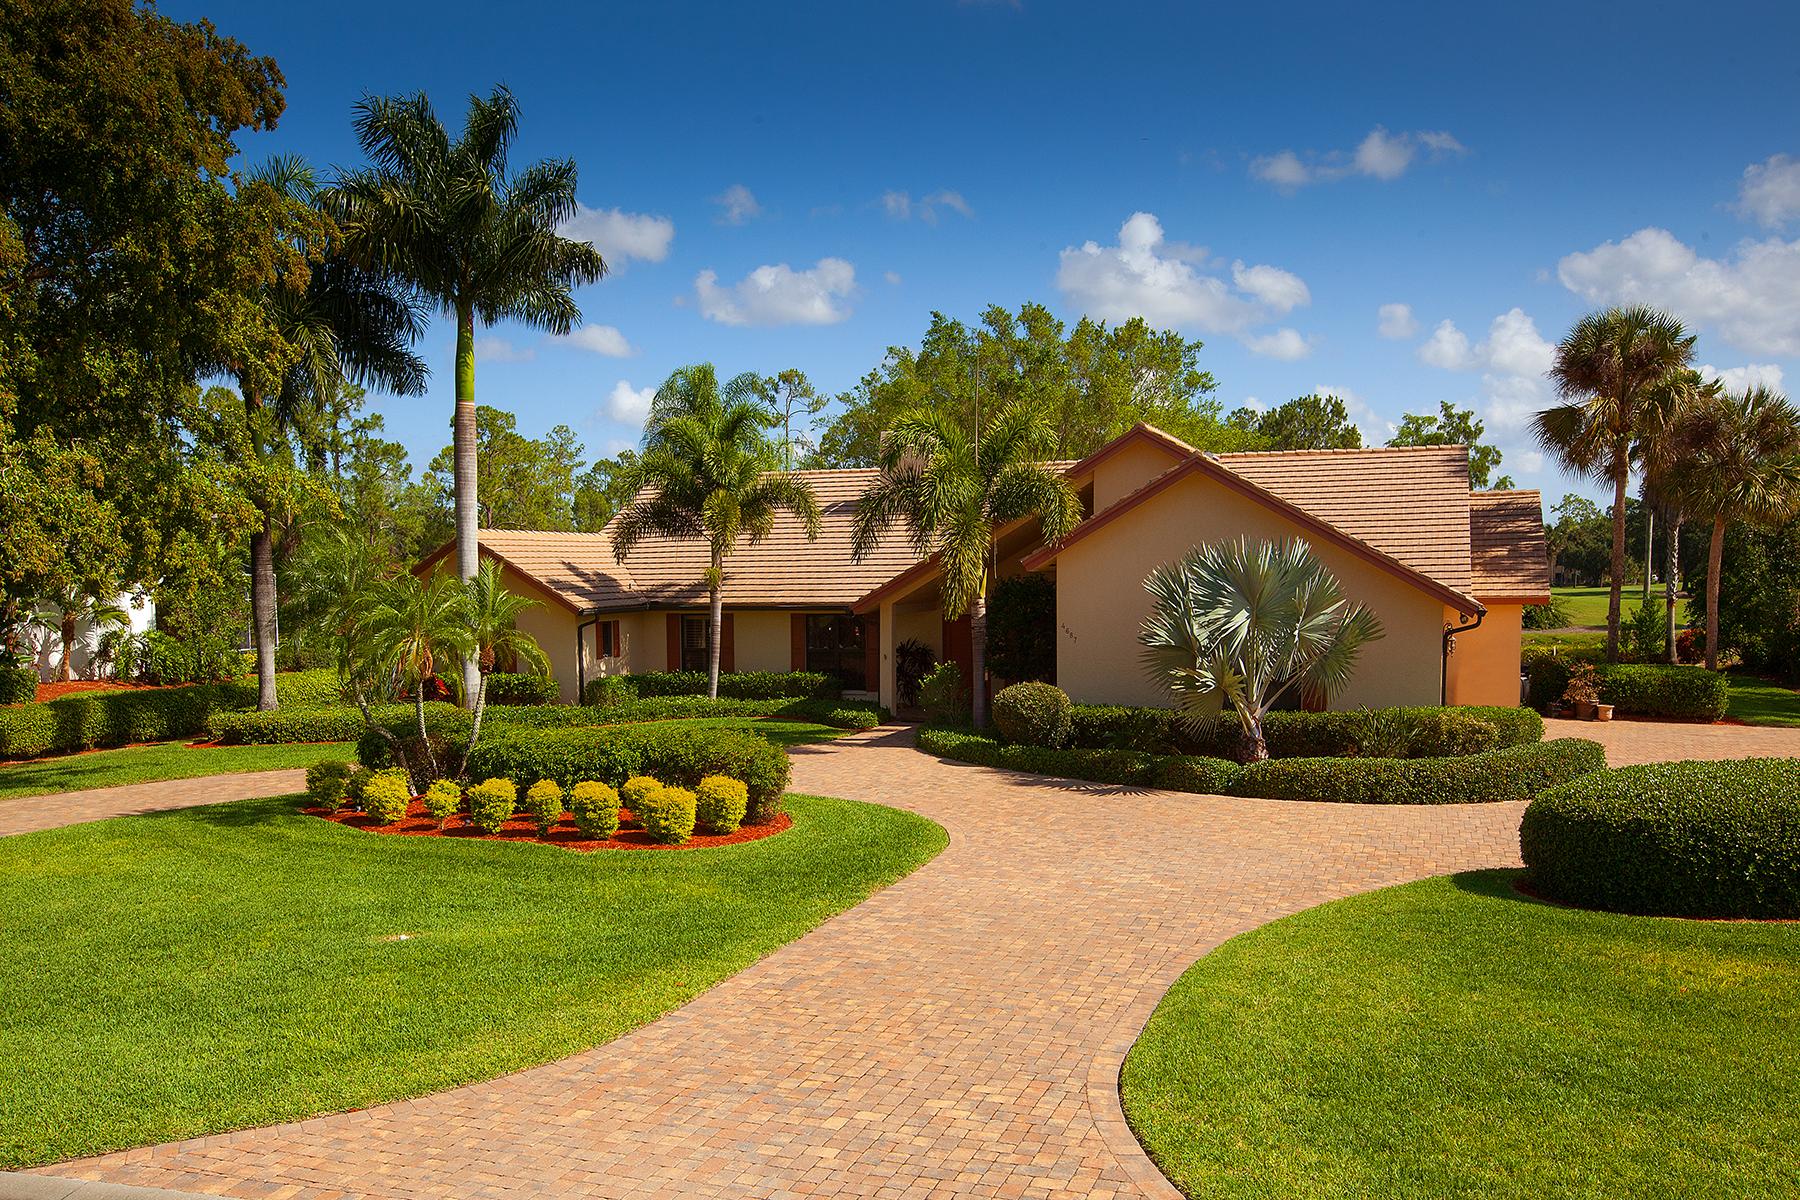 Частный односемейный дом для того Продажа на Naples 4687 Pond Apple Dr S Quail Creek, Naples, Флорида, 34119 Соединенные Штаты